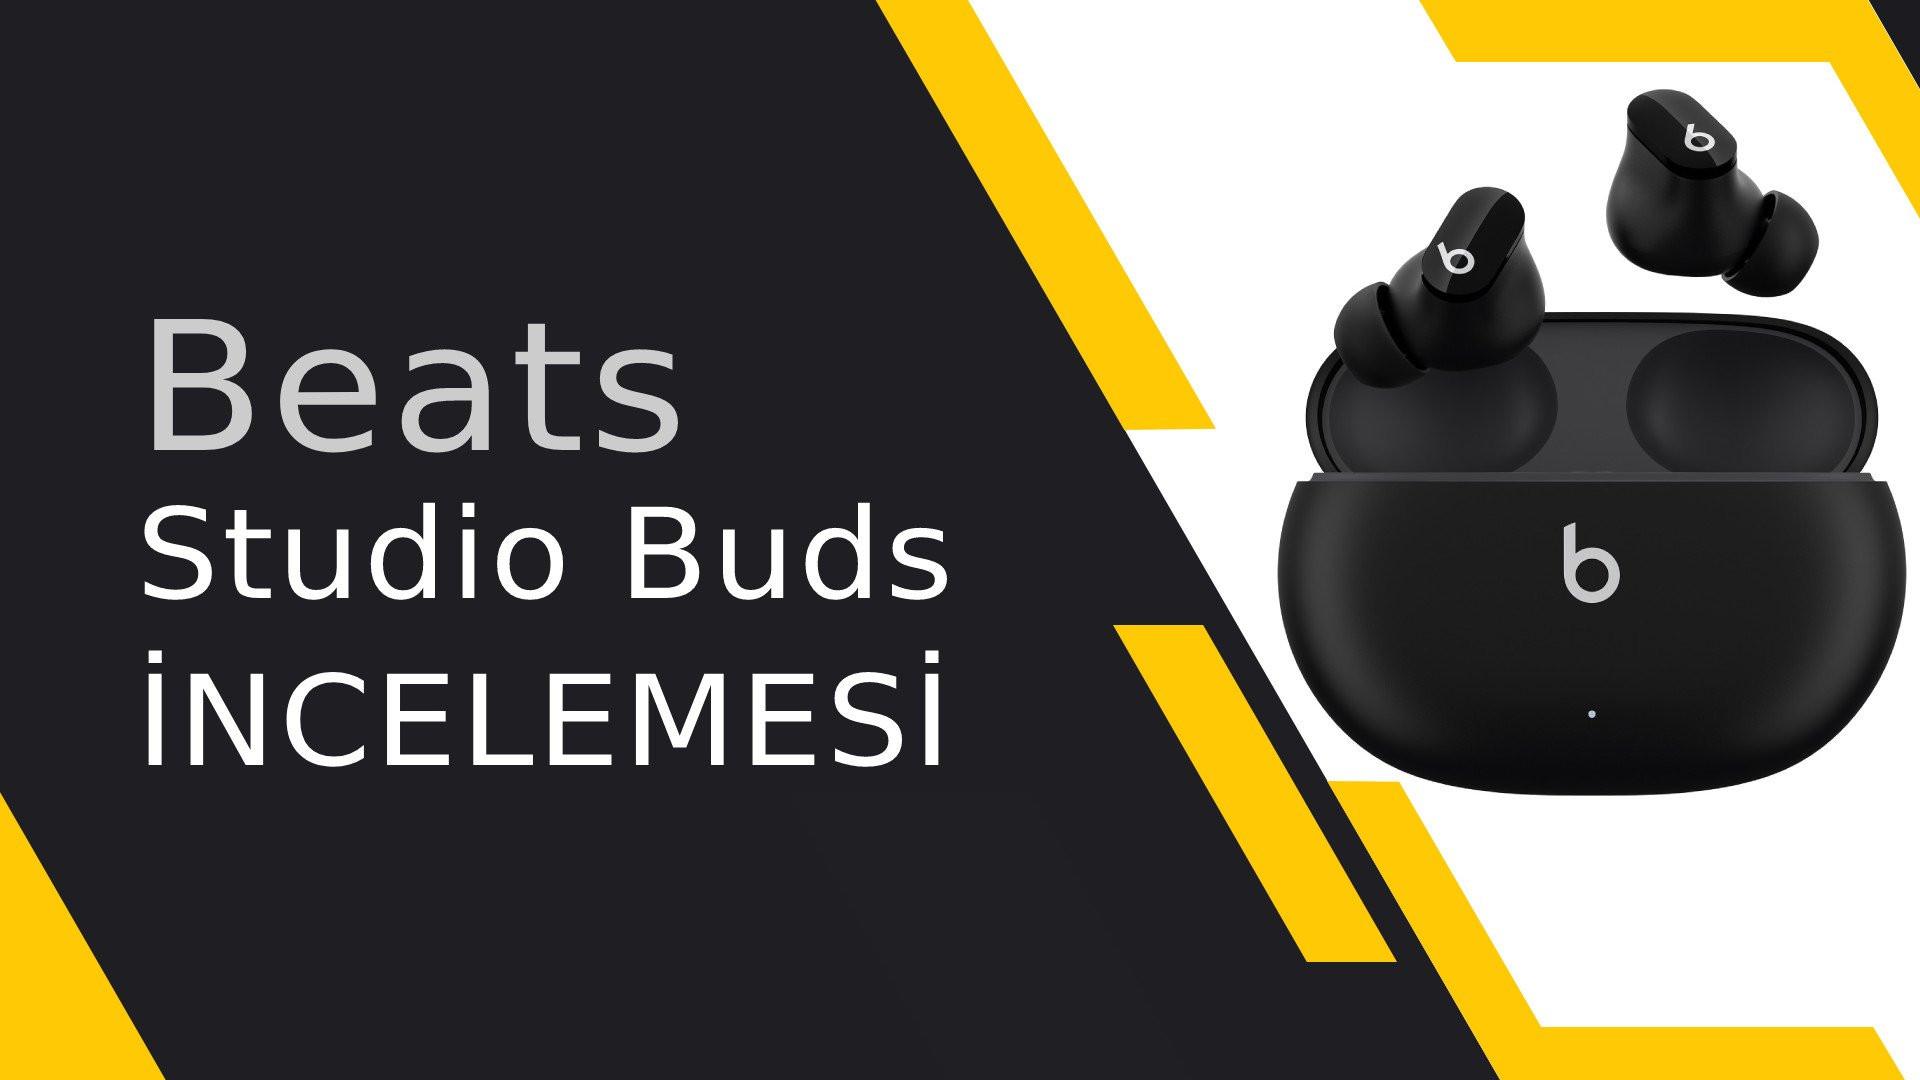 Aktif gürültü önleme destekli Beats Studio Buds incelemesi